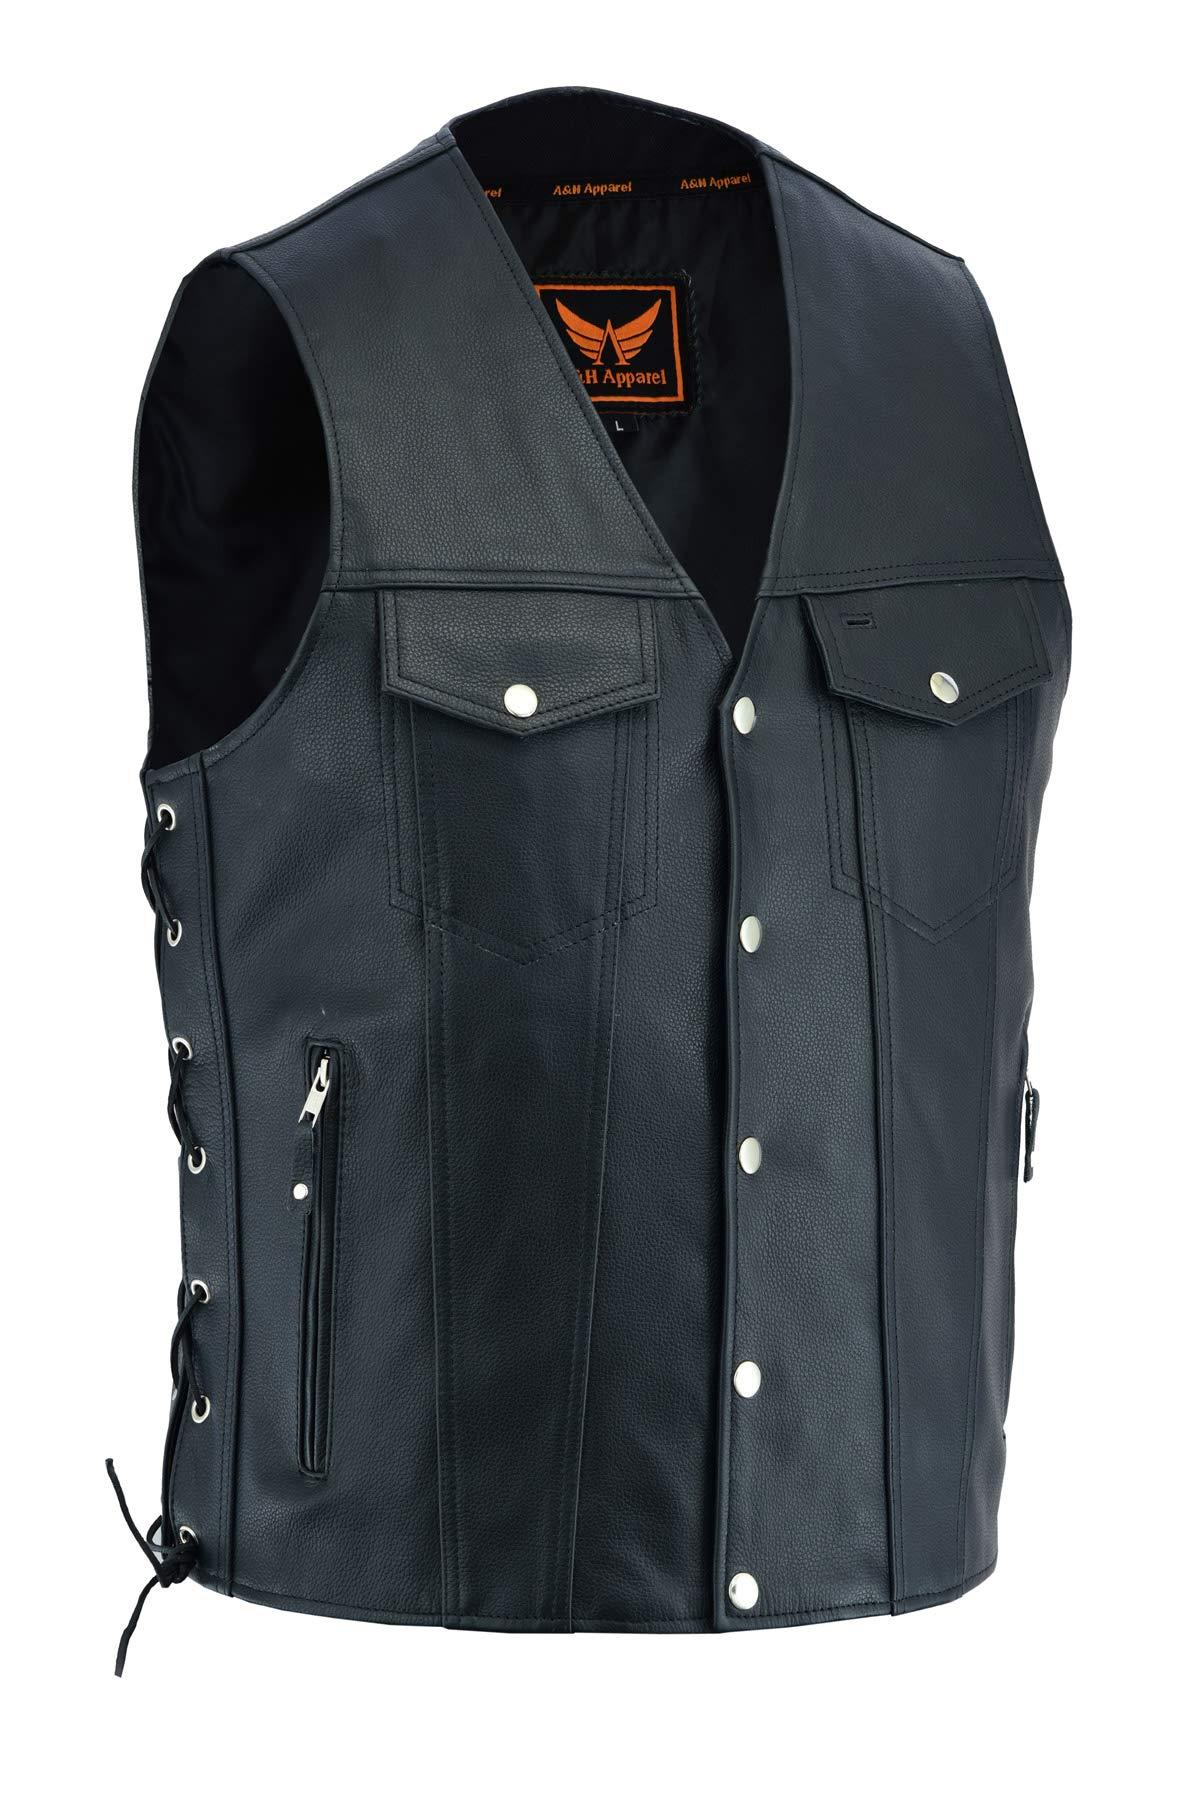 A&H Apparel Mens Genuine Cowhide Leather Vest Biker Vest Concealed Carry Durable Vest (XXX-Large)